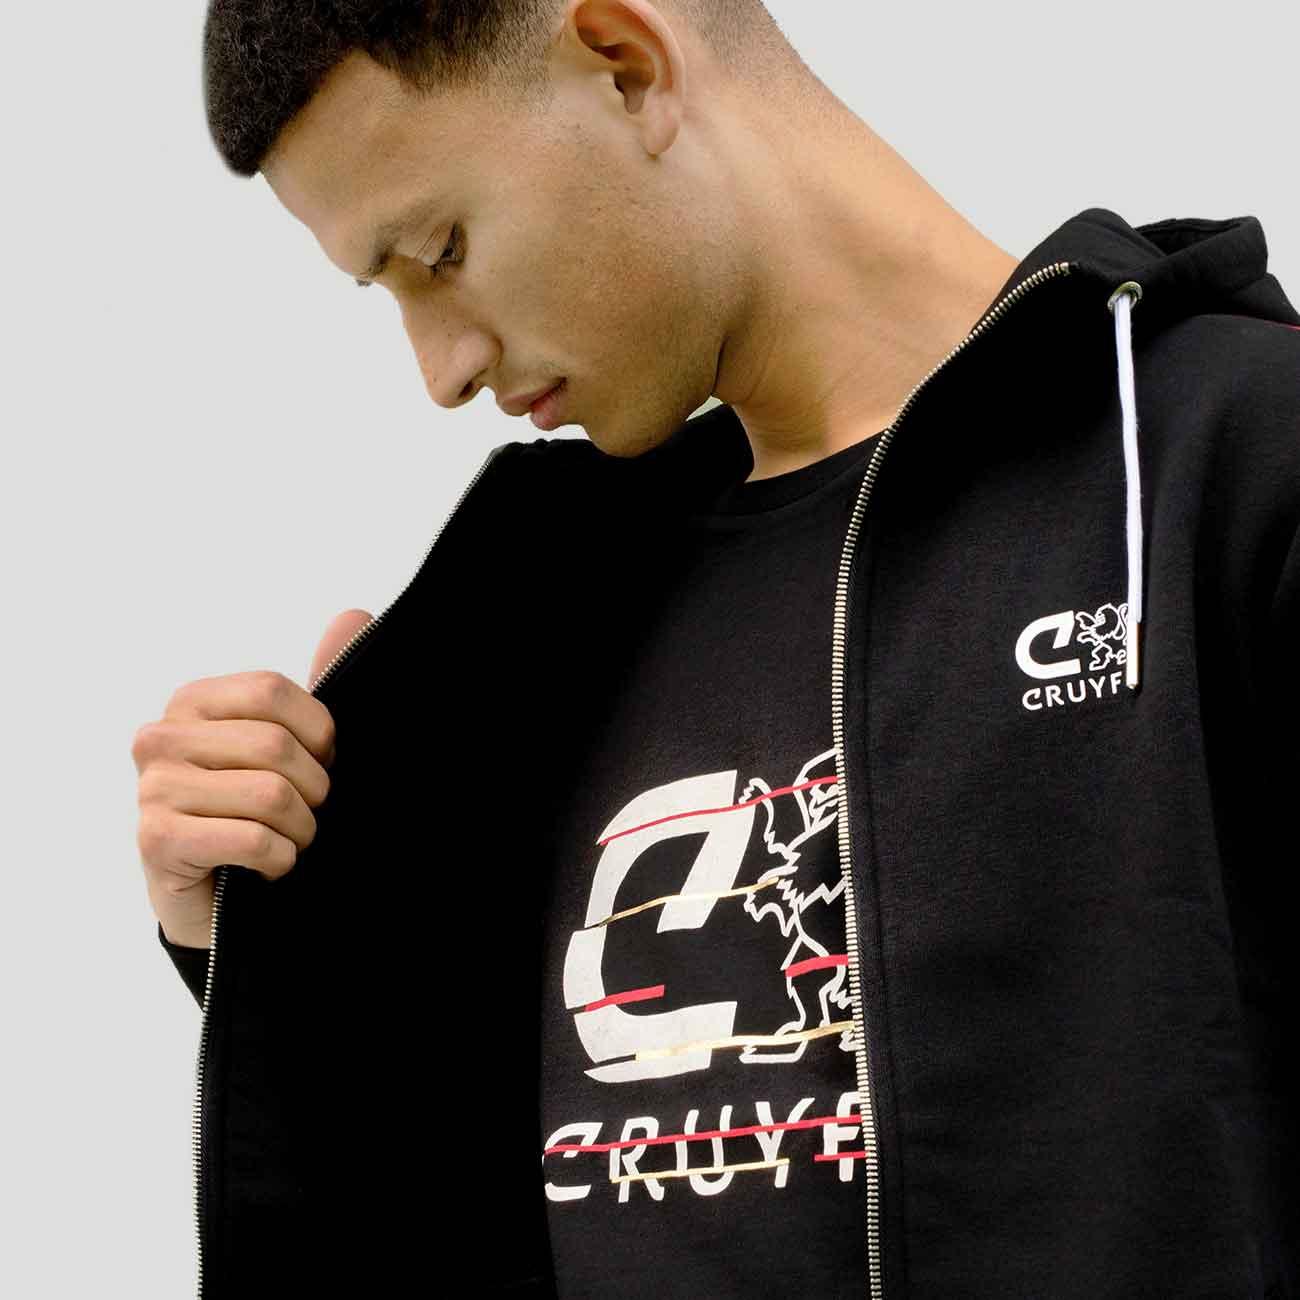 Cruyff kleding